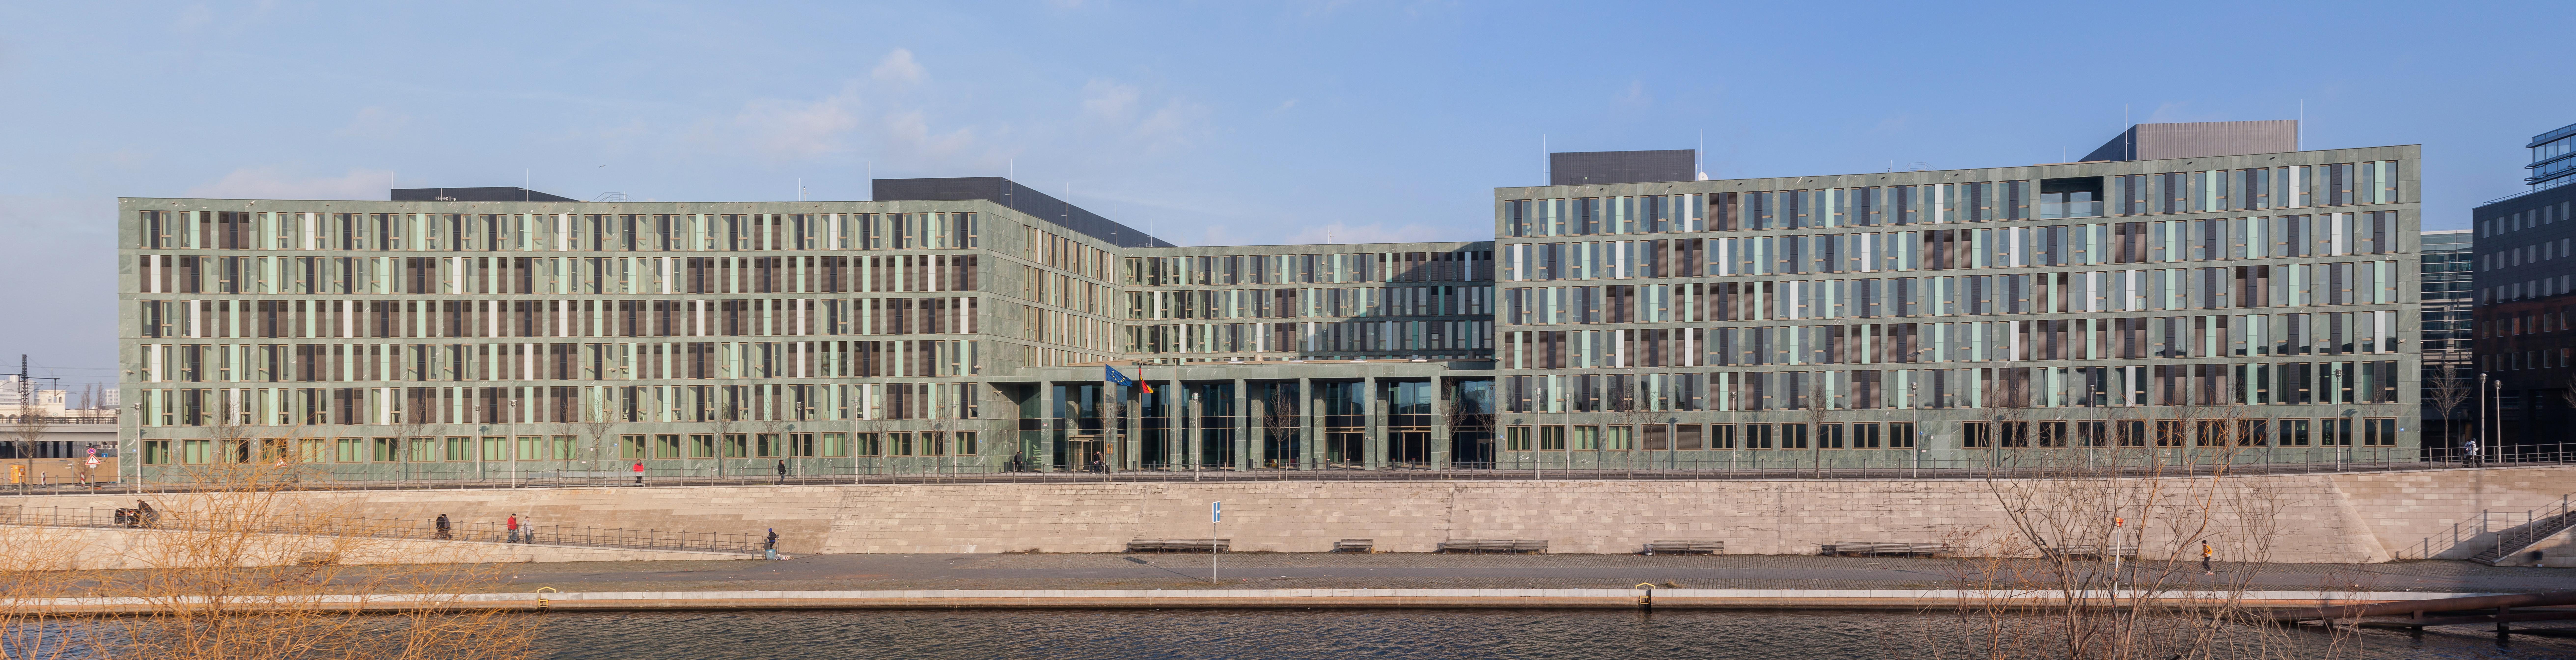 Der Berliner Dienstsitz des Bundesministeriums für Bildung und Forschung am Kapelle-Ufer - Foto von Ansgar Koreng vom January 2015